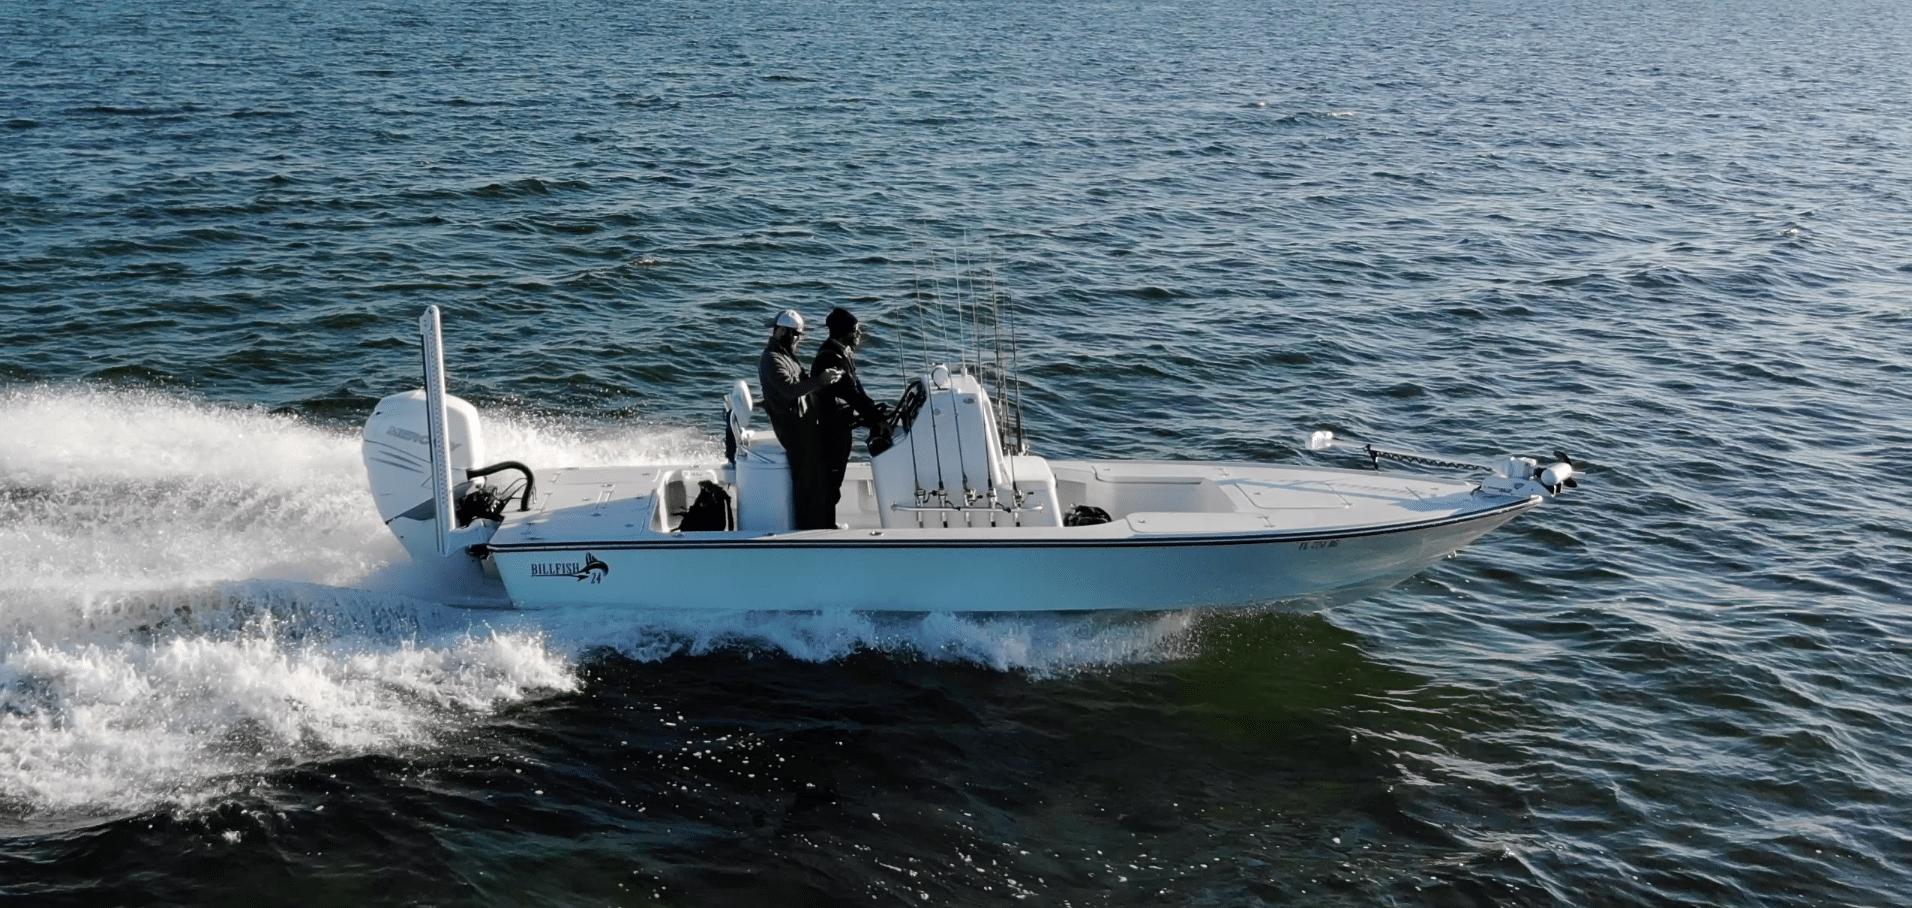 Bay Boat Inshore Fishing Charters - Flats Fishing Guide ...